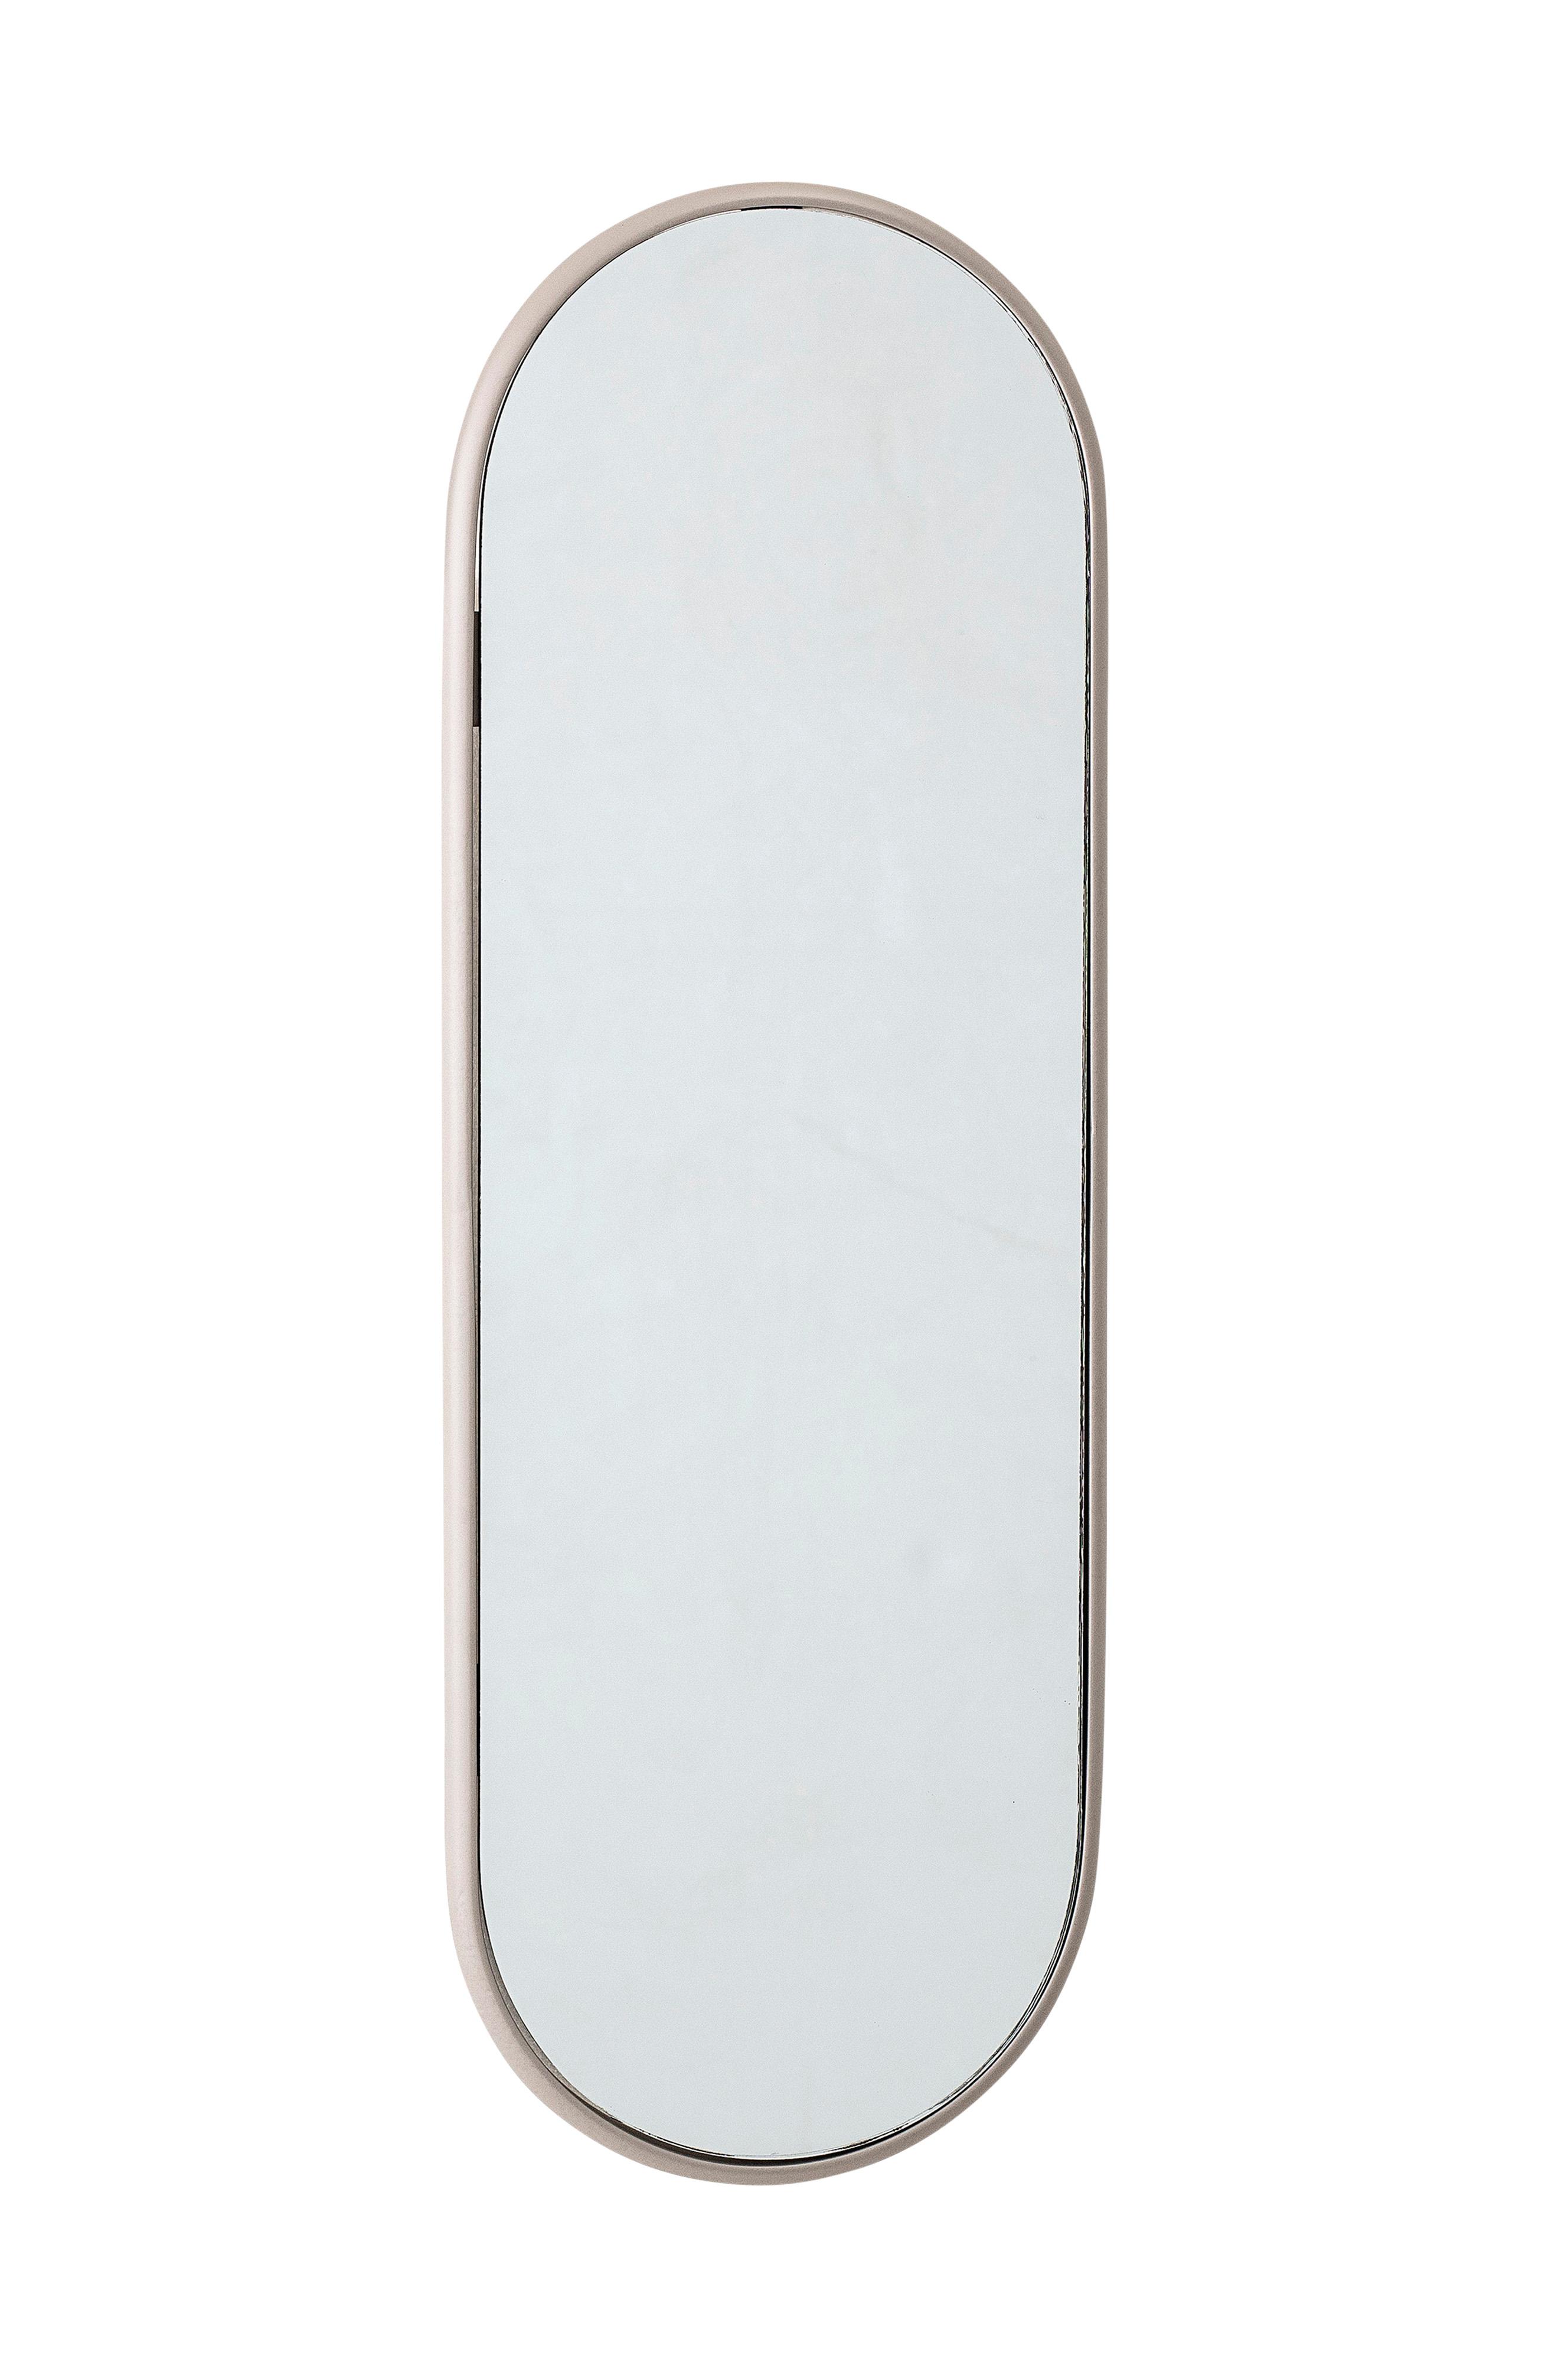 Storslået Bloomingville Spejl Aflangt 15 cm - Glas - Bolig & indretning MR03